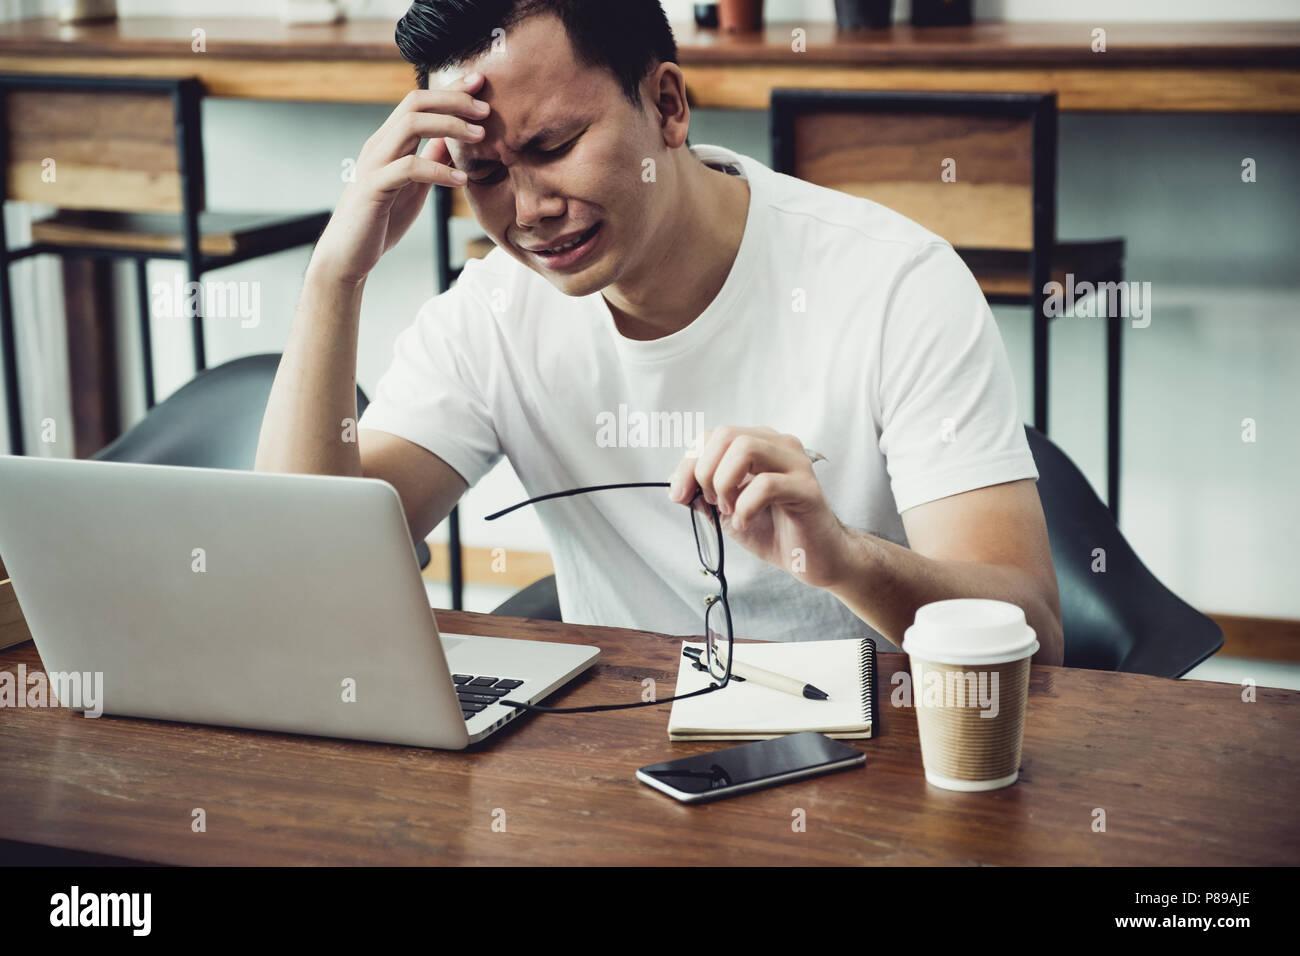 Asia casual uomo faccia del coperchio con lato sconvolto dal lavoro nella parte anteriore del computer portatile nella caffetteria,stress concetto emozione,lavoro fuori ufficio,lavoro a hom Immagini Stock